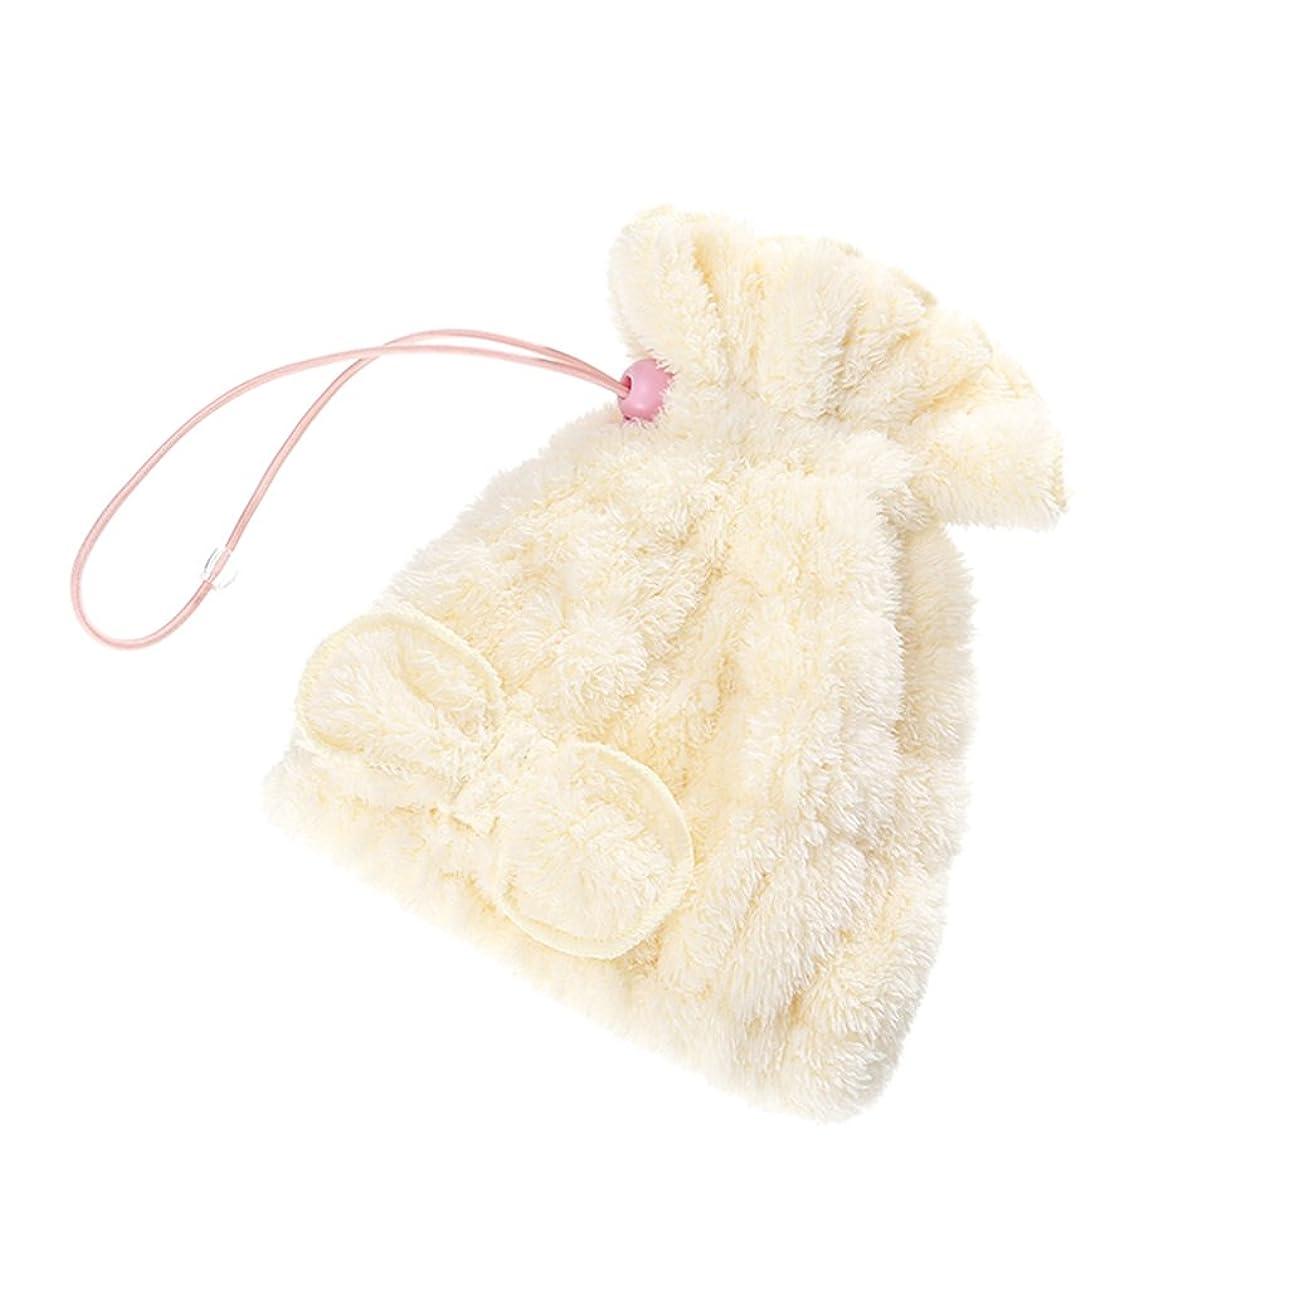 提供するストリーム略語シャワーキャップ より厚い子供の乾燥髪のキャップ速乾吸水乾燥髪タオル髪乾燥タオルピンクシャワーキャップ黄色シャワーキャップ (Color : 2#)